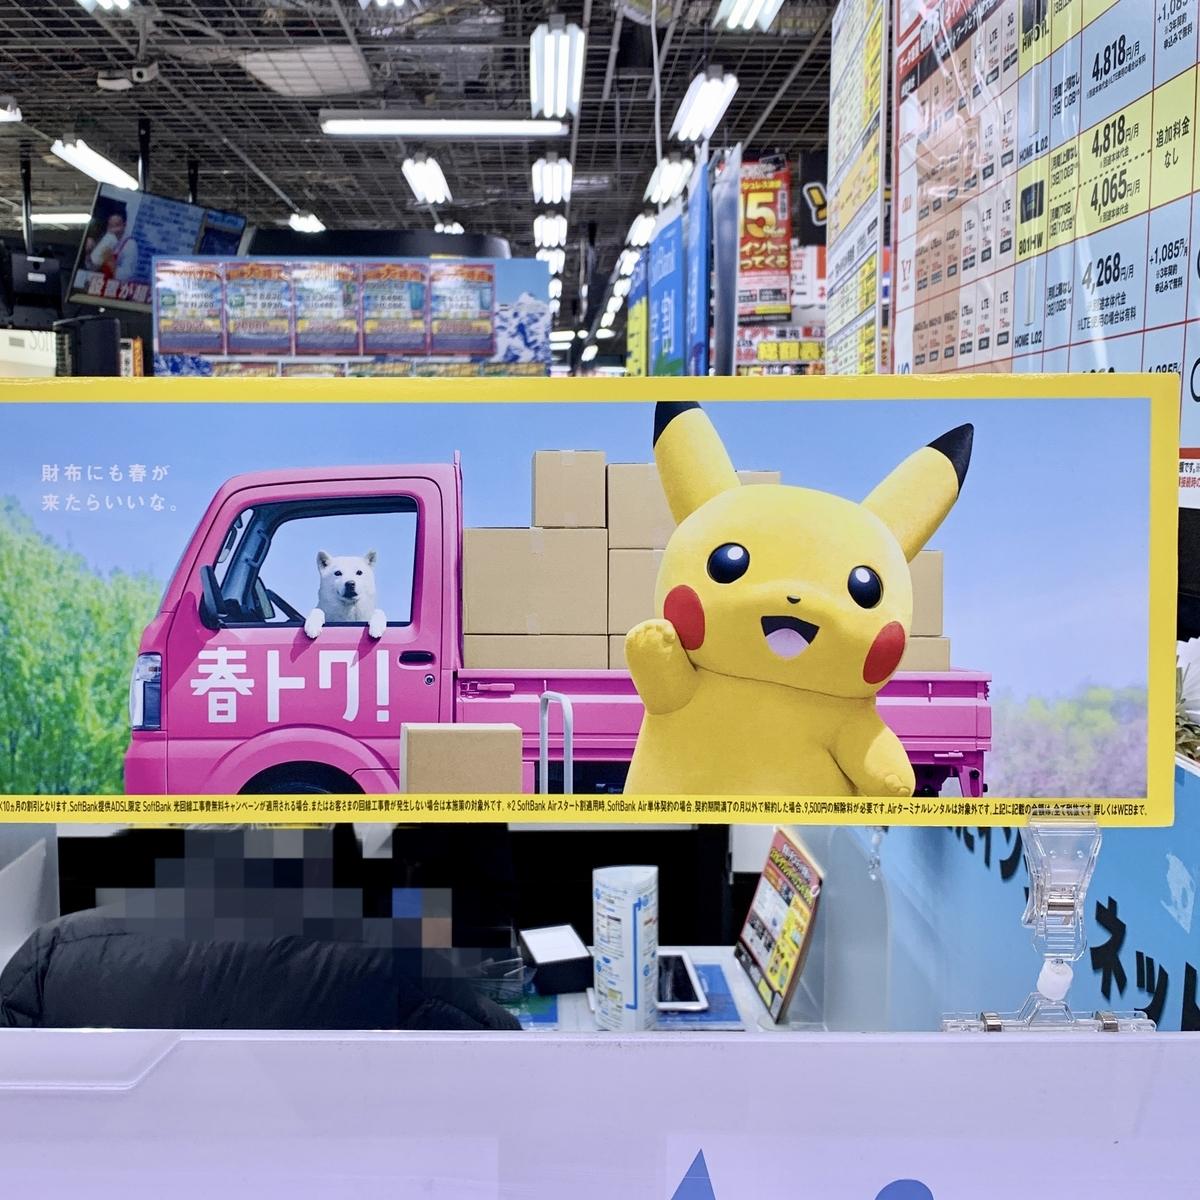 f:id:pikachu_pcn:20200130214614j:plain